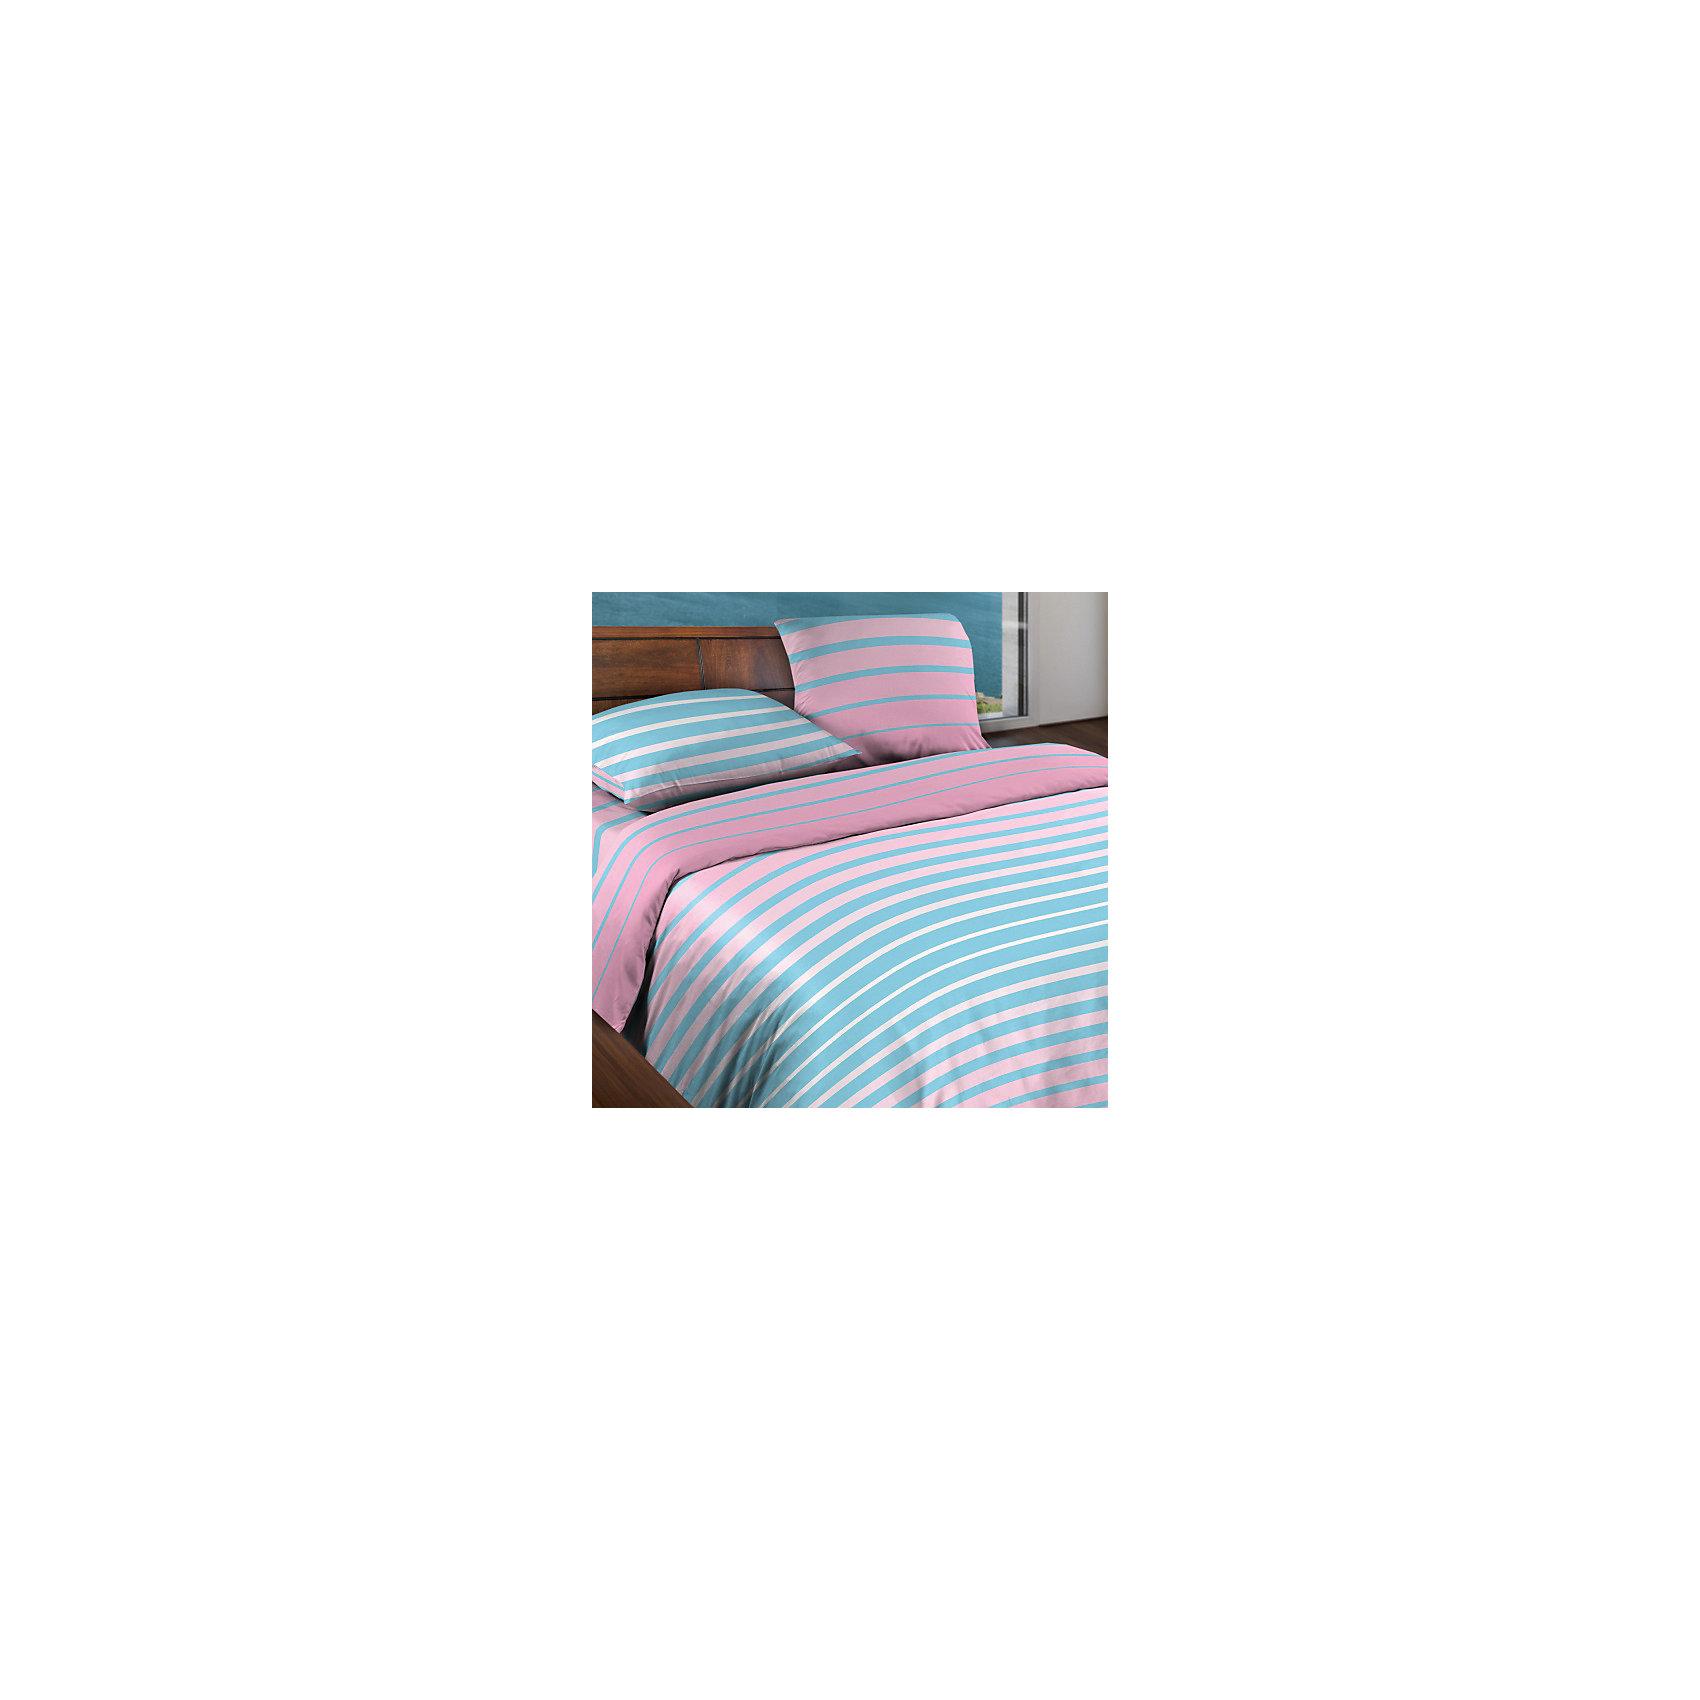 Постельное белье 2,0 сп. Stripe Pink БИО Комфорт, Wenge MotionХарактеристики 2-хспального комплекта постельного белья   Stripe Pink  БИО Комфорт, Wenge Motion:<br><br>- производитель: Неотек<br>- материал: бязь<br>- состав: 100% хлопок<br>- размер комплекта: двуспальный<br>- размер пододеяльника: 215*175 см.<br>- размер простыни: 220*240 см.<br>- размер наволочек: 70*70 (2 шт)<br>- упаковка комплекта: книжка пвх<br>- страна бренда: Россия<br>- страна производитель: Россия<br><br>2-хспальный комплект  постельного белья   Stripe Pink  из ткани БИОкомфорт серии Wenge Motion будет хорошим вариантом для тех, кто не любит или не имеет возможности тратить много времени или внимания на специальный уход за вещами. БИОкомфорт – натуральная, гиппоаллергенная, достаточно плотная, практически немнущаяся и приятная на ощупь ткань, которую можно стирать в стандартном для постельного белья режиме. Богатый выбор расцветок постельного белья из ткани БИОкомфорт поможет Вам выбрать именно этот комплект, который будет радовать Вас долгое время.<br><br>Комплекта постельного белья   Stripe Pink  серии Wenge Motion можно купить в нашем интернет-магазине.<br><br>Ширина мм: 370<br>Глубина мм: 70<br>Высота мм: 370<br>Вес г: 2100<br>Возраст от месяцев: 216<br>Возраст до месяцев: 1188<br>Пол: Унисекс<br>Возраст: Детский<br>SKU: 5100134